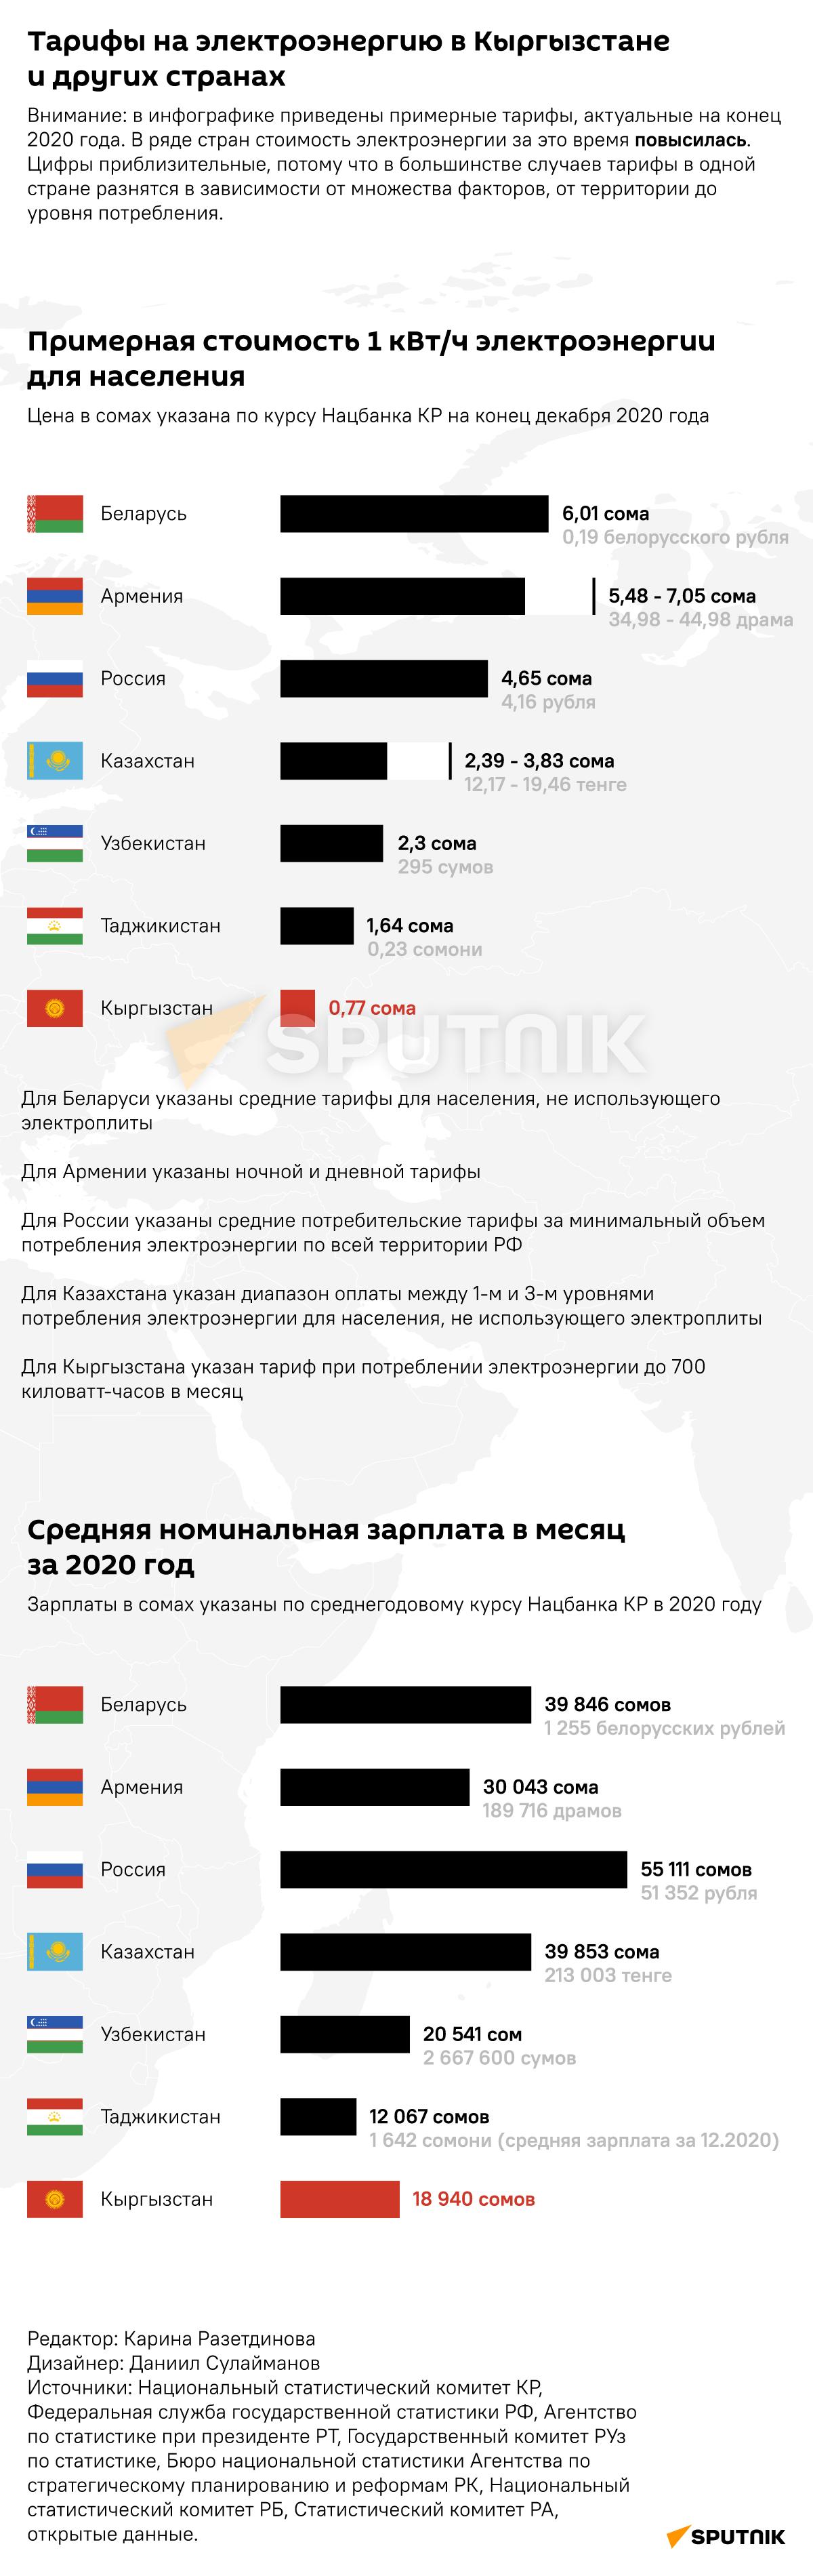 Тарифы на электроэнергию в Кыргызстане и других странах